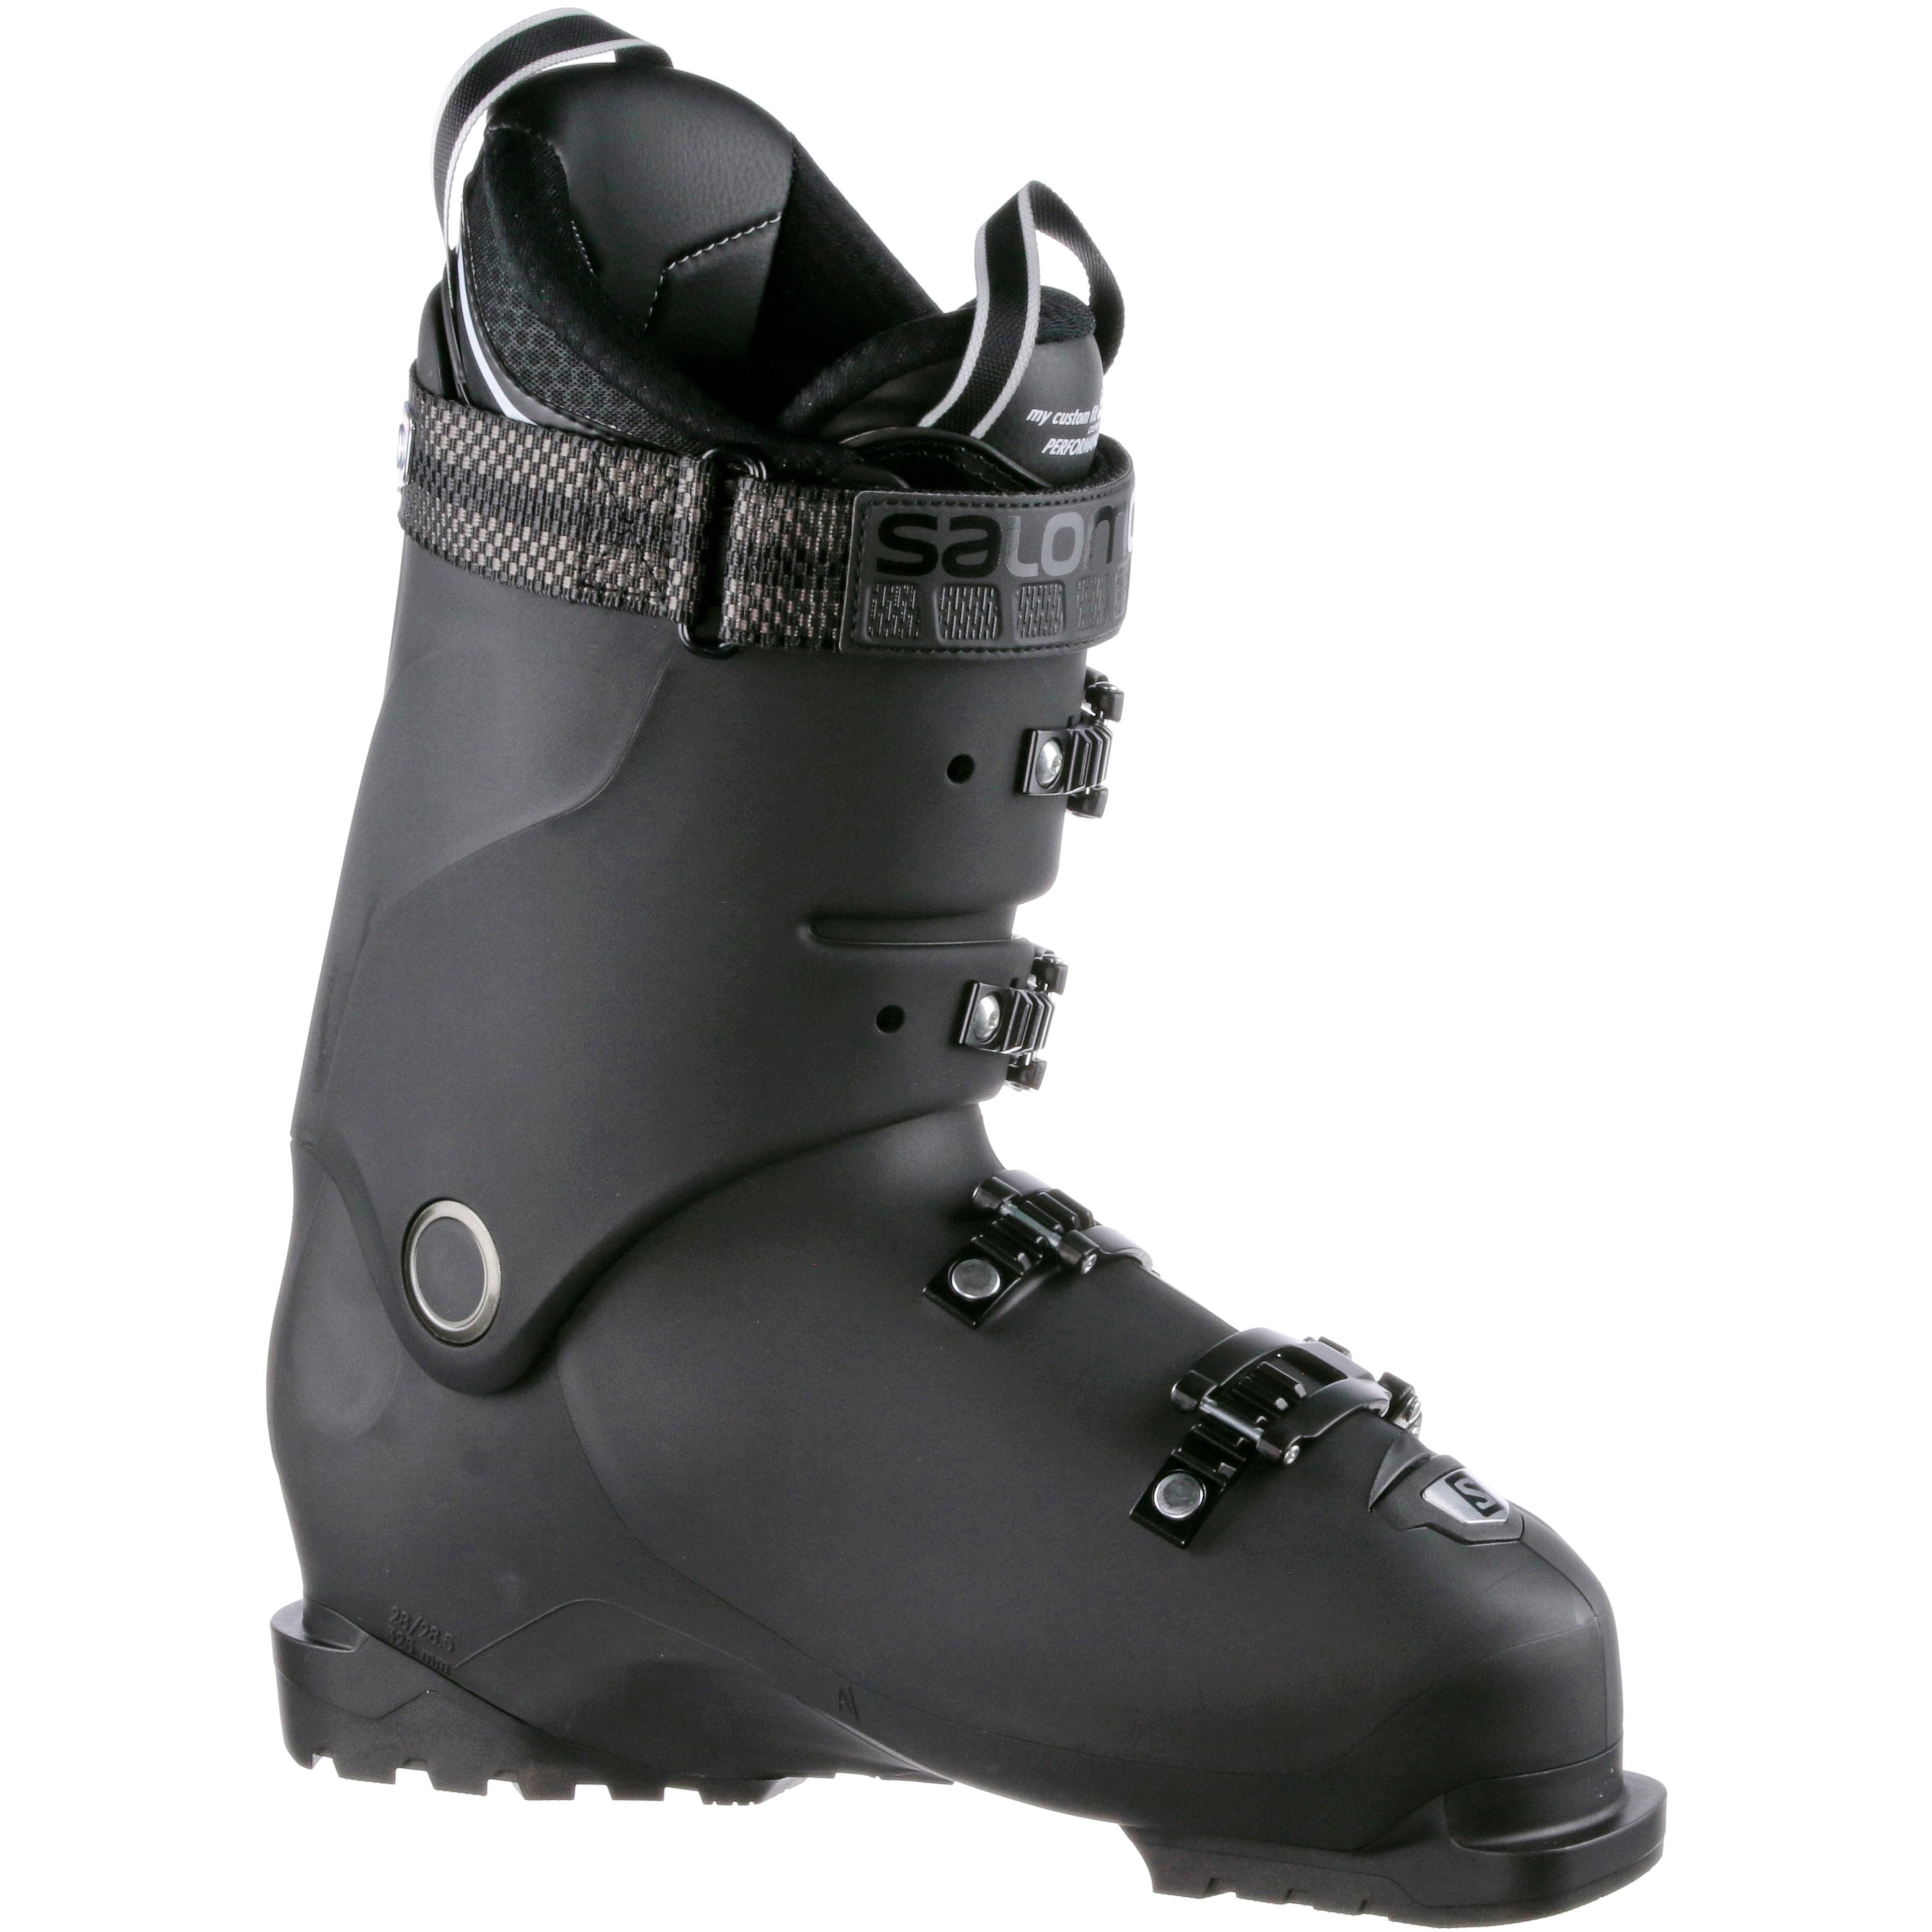 Salomon ALP. Stiefel X PRO 100 Skischuhe Herren schwarz schwarz schwarz Metalschwarz Wh im Online Shop von SportScheck kaufen Gute Qualität beliebte Schuhe 4efb3b